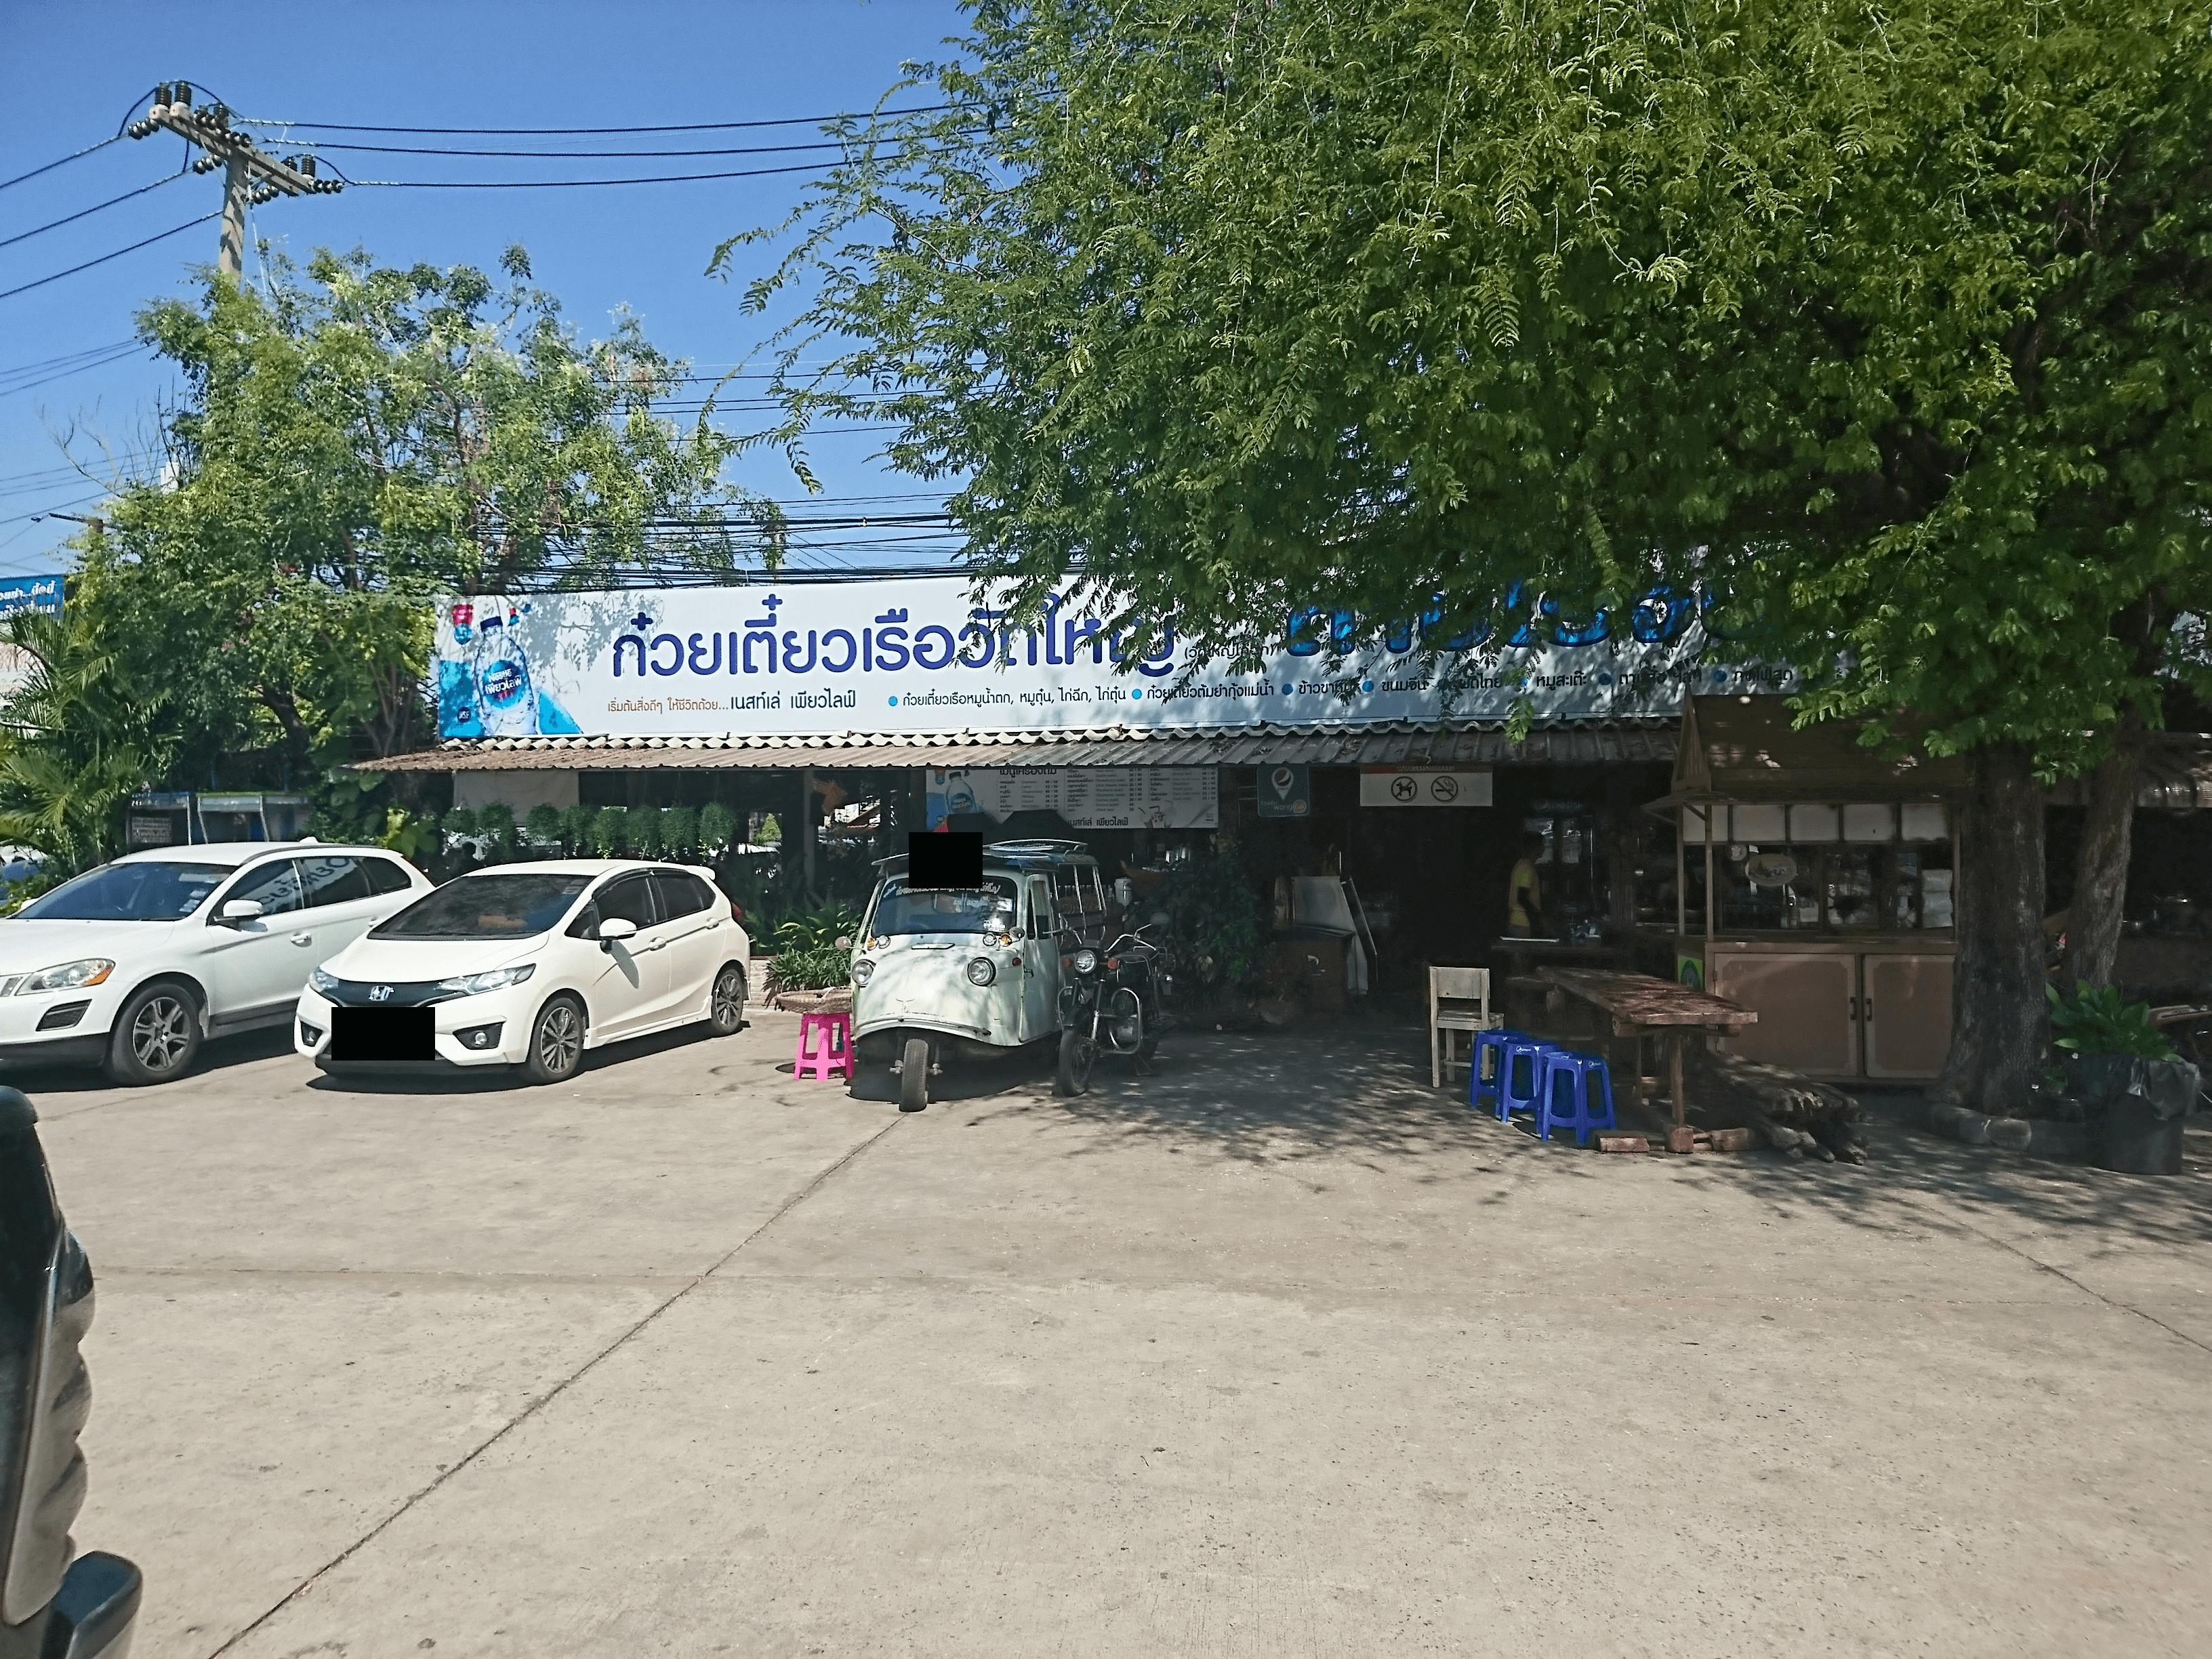 クイッティアオ ルア ワットヤイ(Quittiao Lua Wat Yai)/ アユタヤ、ワット ヤイチャイモンコンの正面にあるタイ料理店